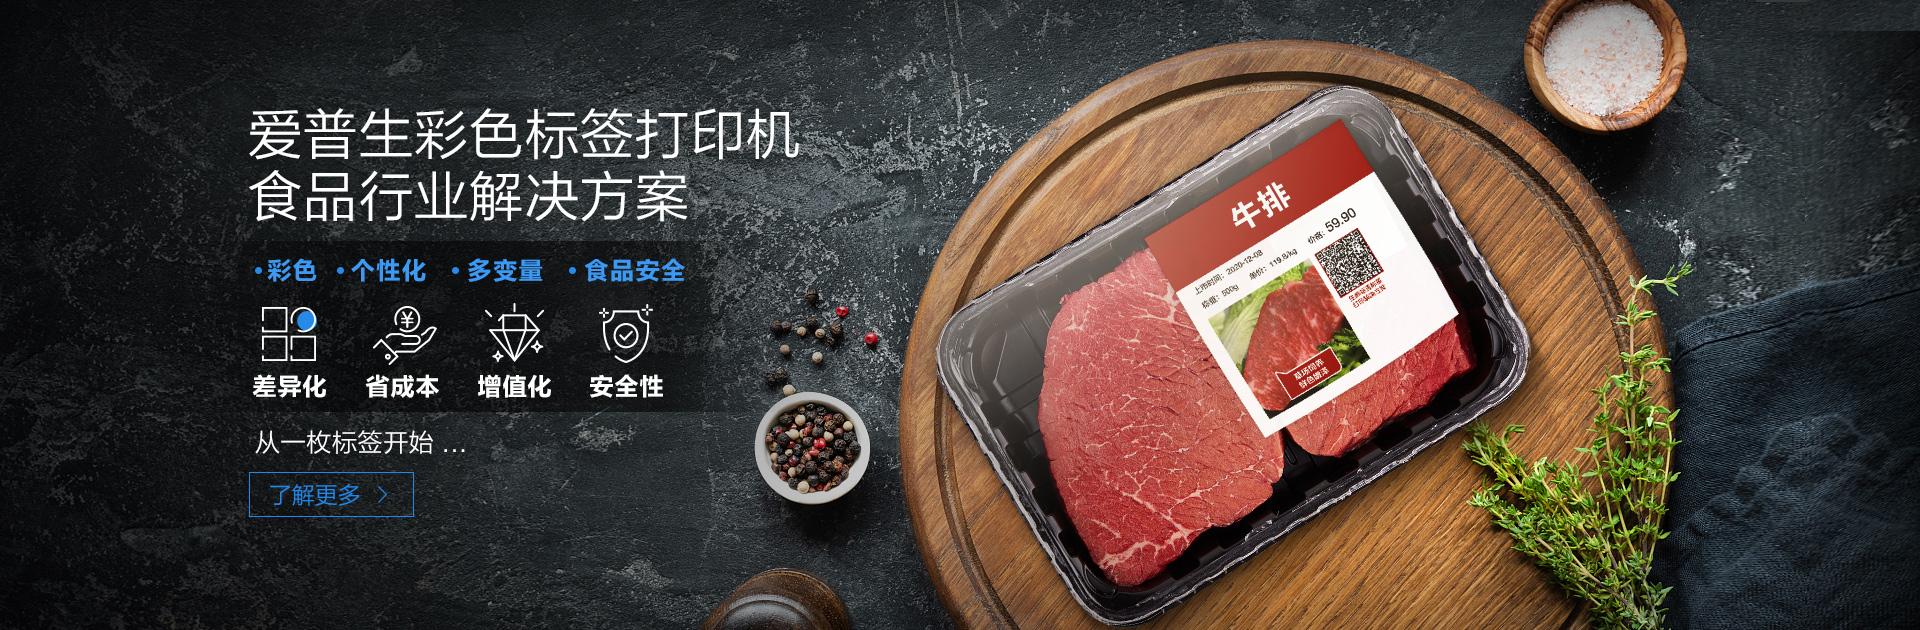 愛普(pu)生彩(cai)色標簽打印(yin)機(ji) 食品行業(ye)解(jie)決方案(an)